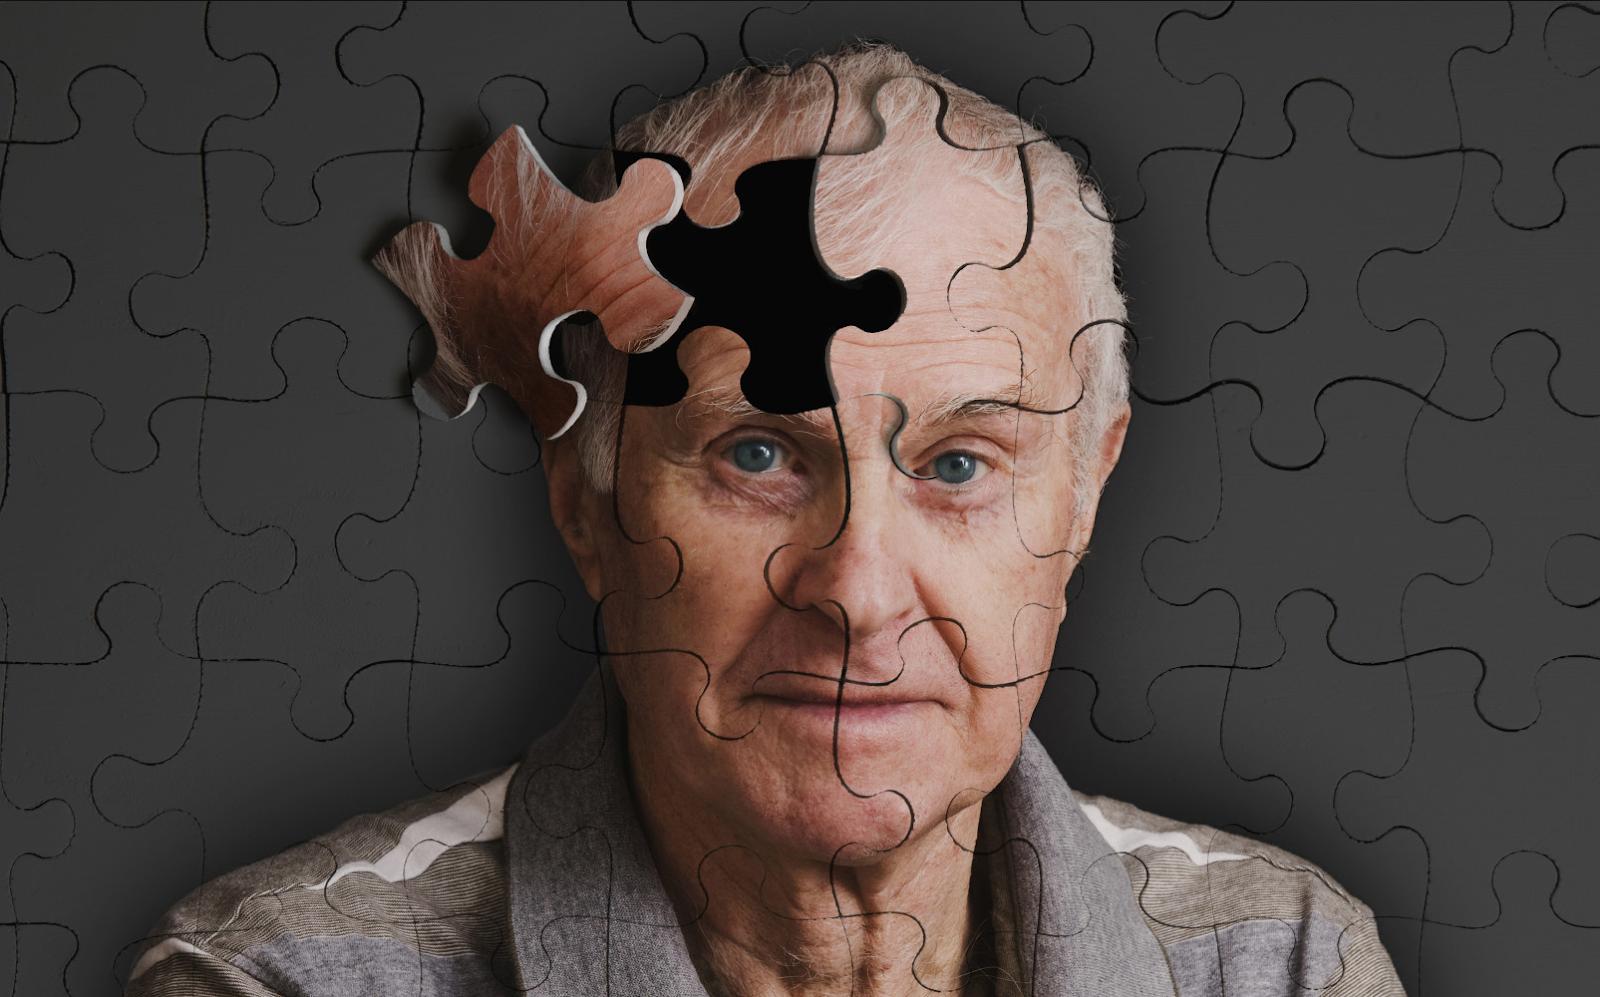 أعراض وأسباب وكيفية الوقاية من مرض الزهايمر